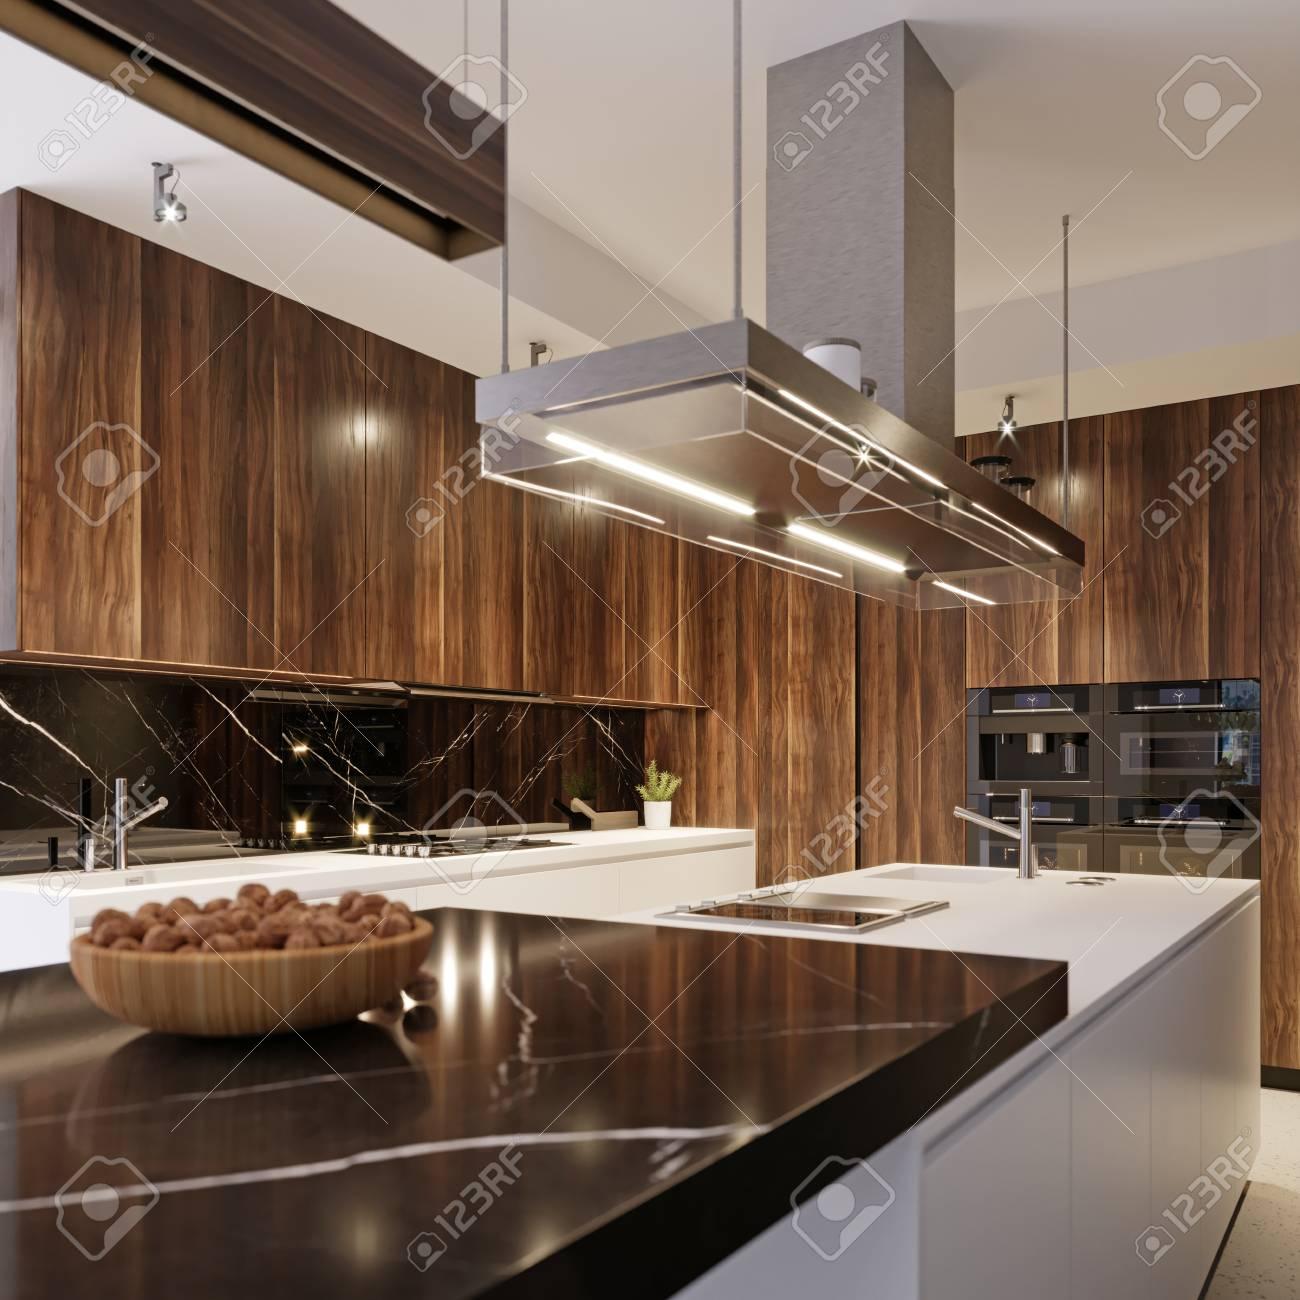 Modern Kitchen Appliances In Contemporary Interior Kitchen 3d